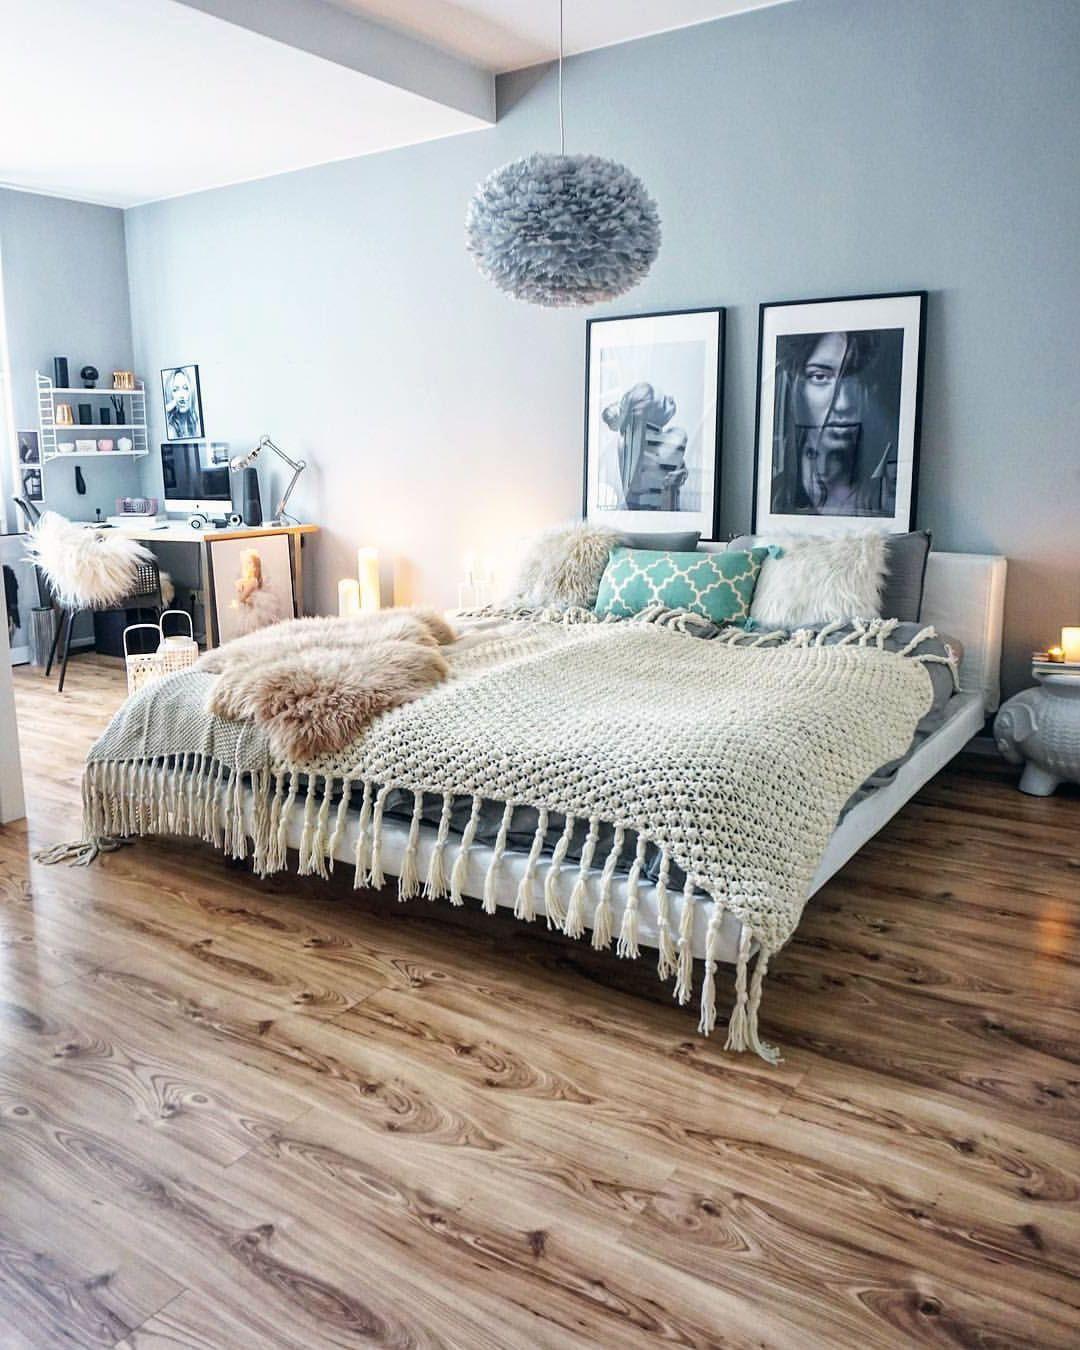 25 Scandinavian Wood Interior Bedroom Design Ideas Bedroom Interior Scandinavian Interior Bedroom Interior Design Bedroom Scandinavian bedroom decor ideas